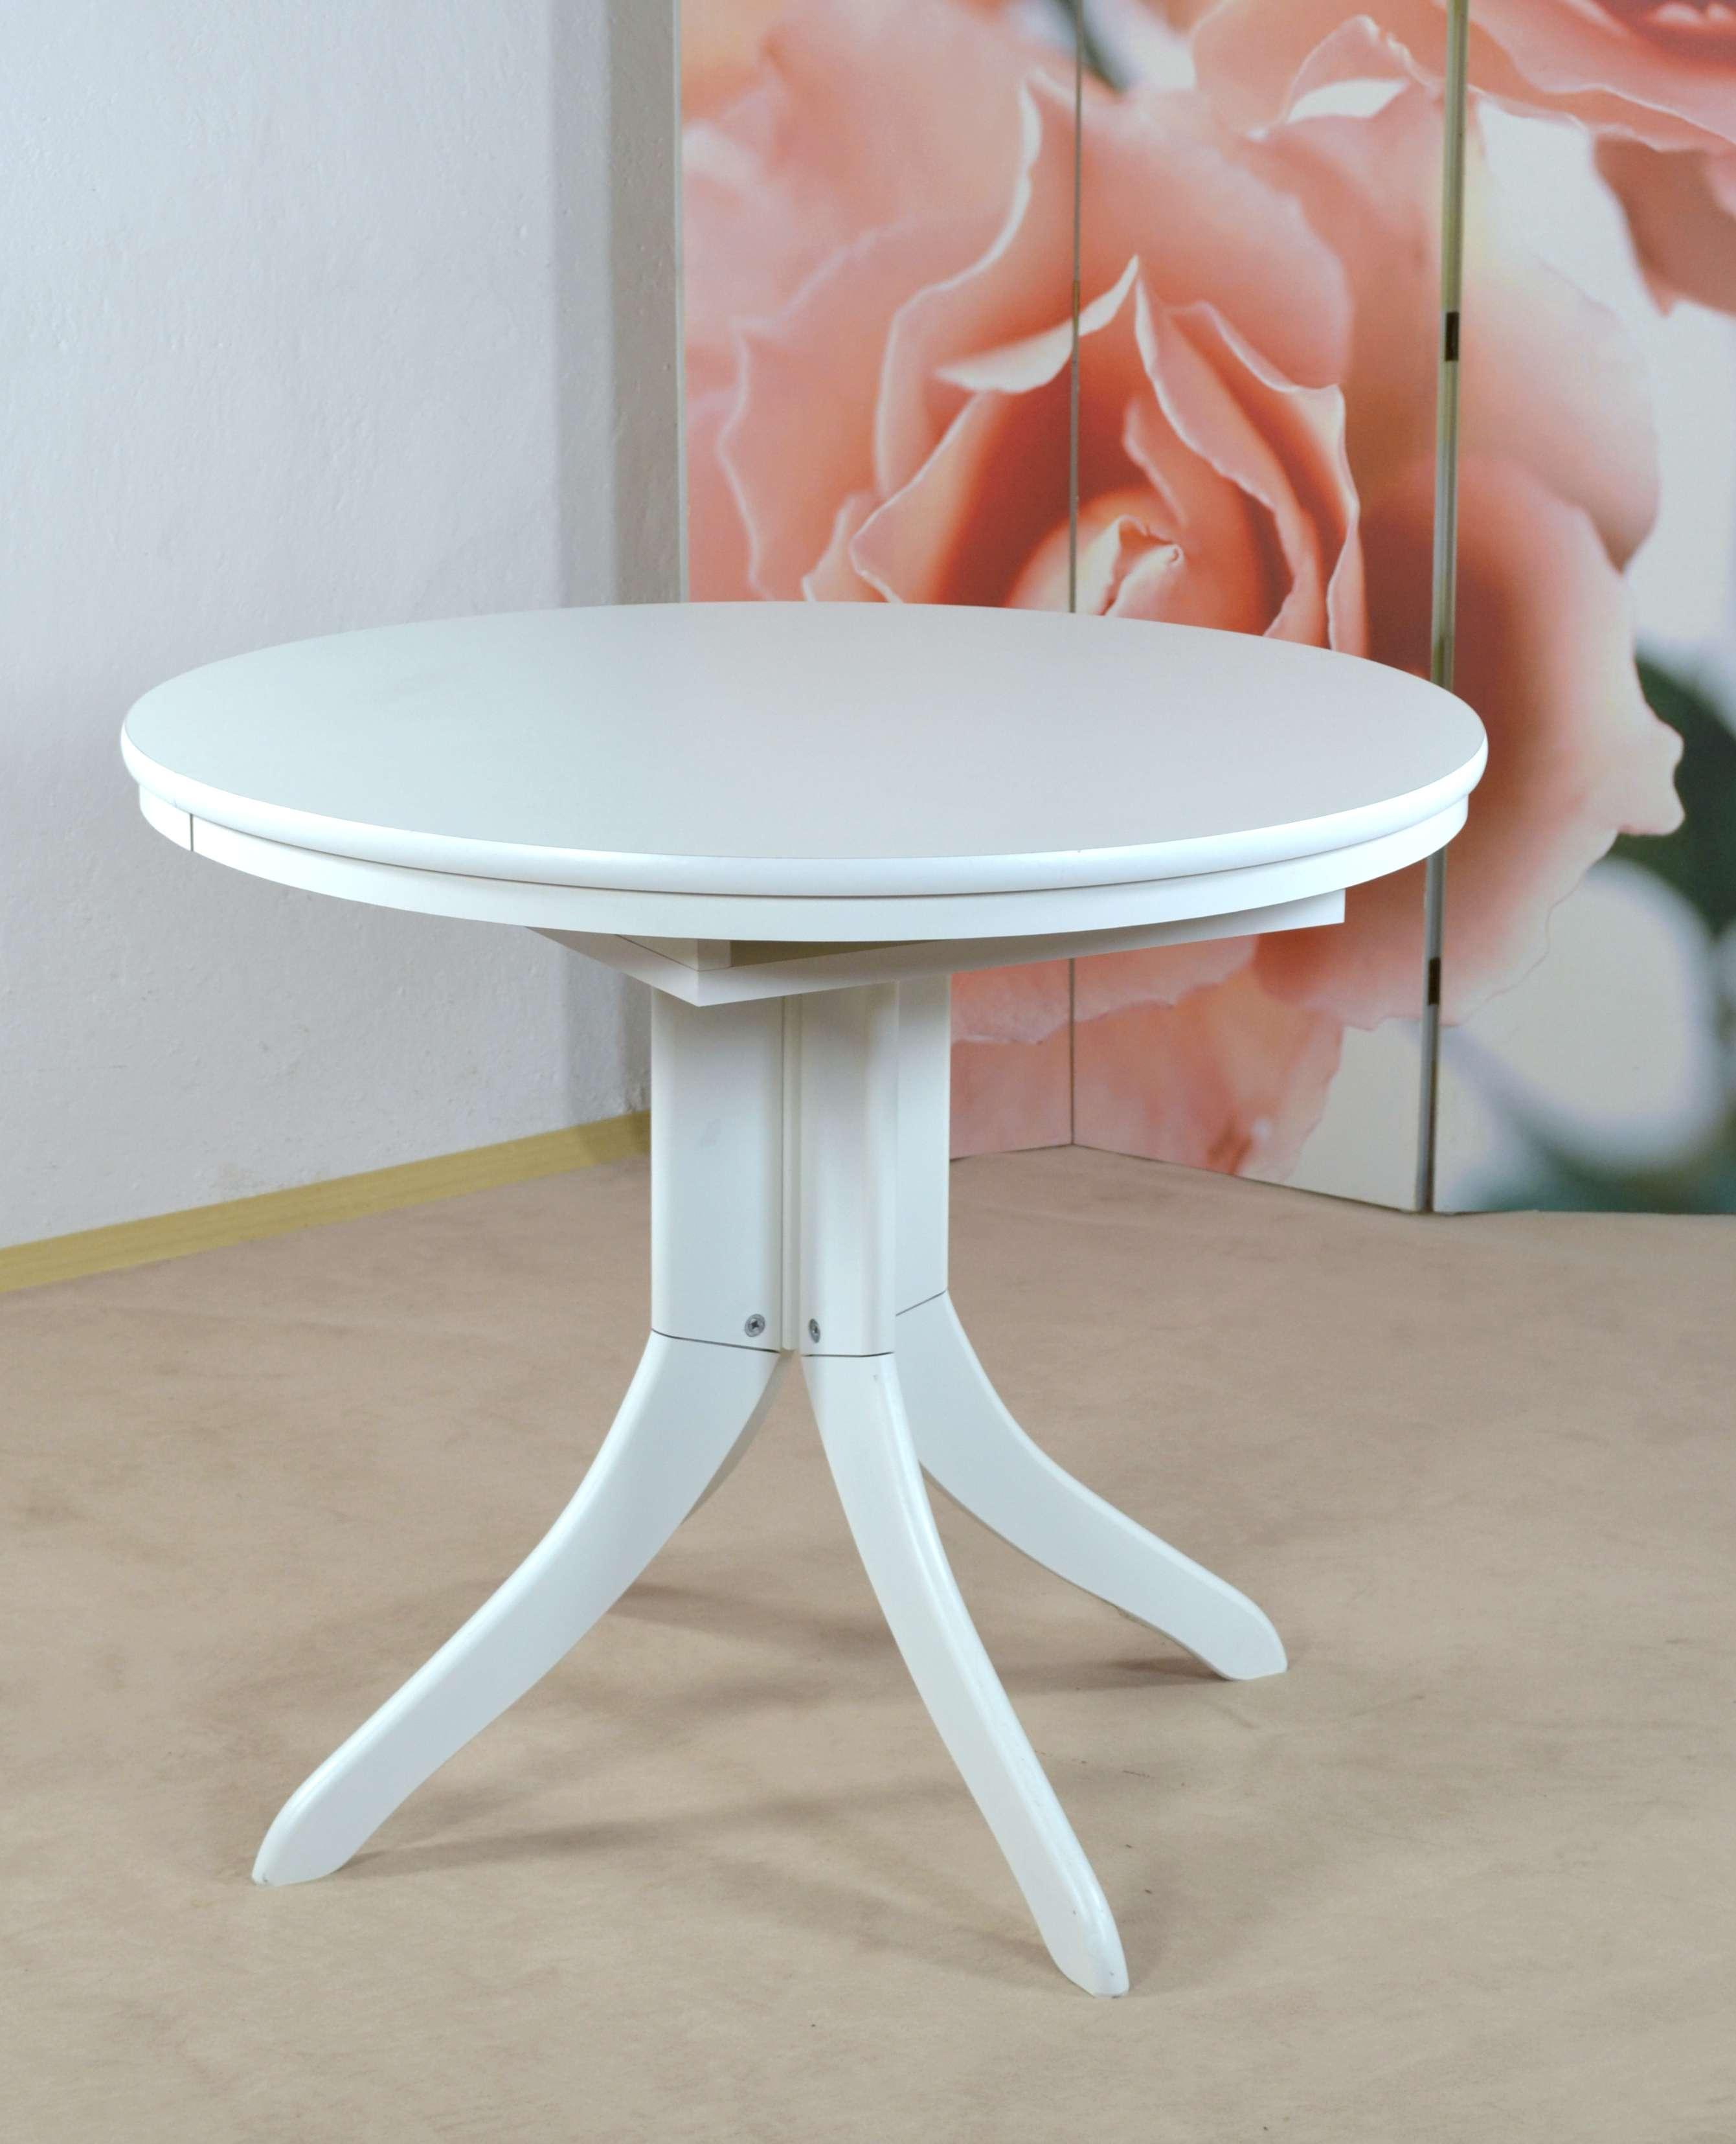 auszugtisch rund wei massiv esszimmertisch tisch k chentisch esszimmer k che ebay. Black Bedroom Furniture Sets. Home Design Ideas